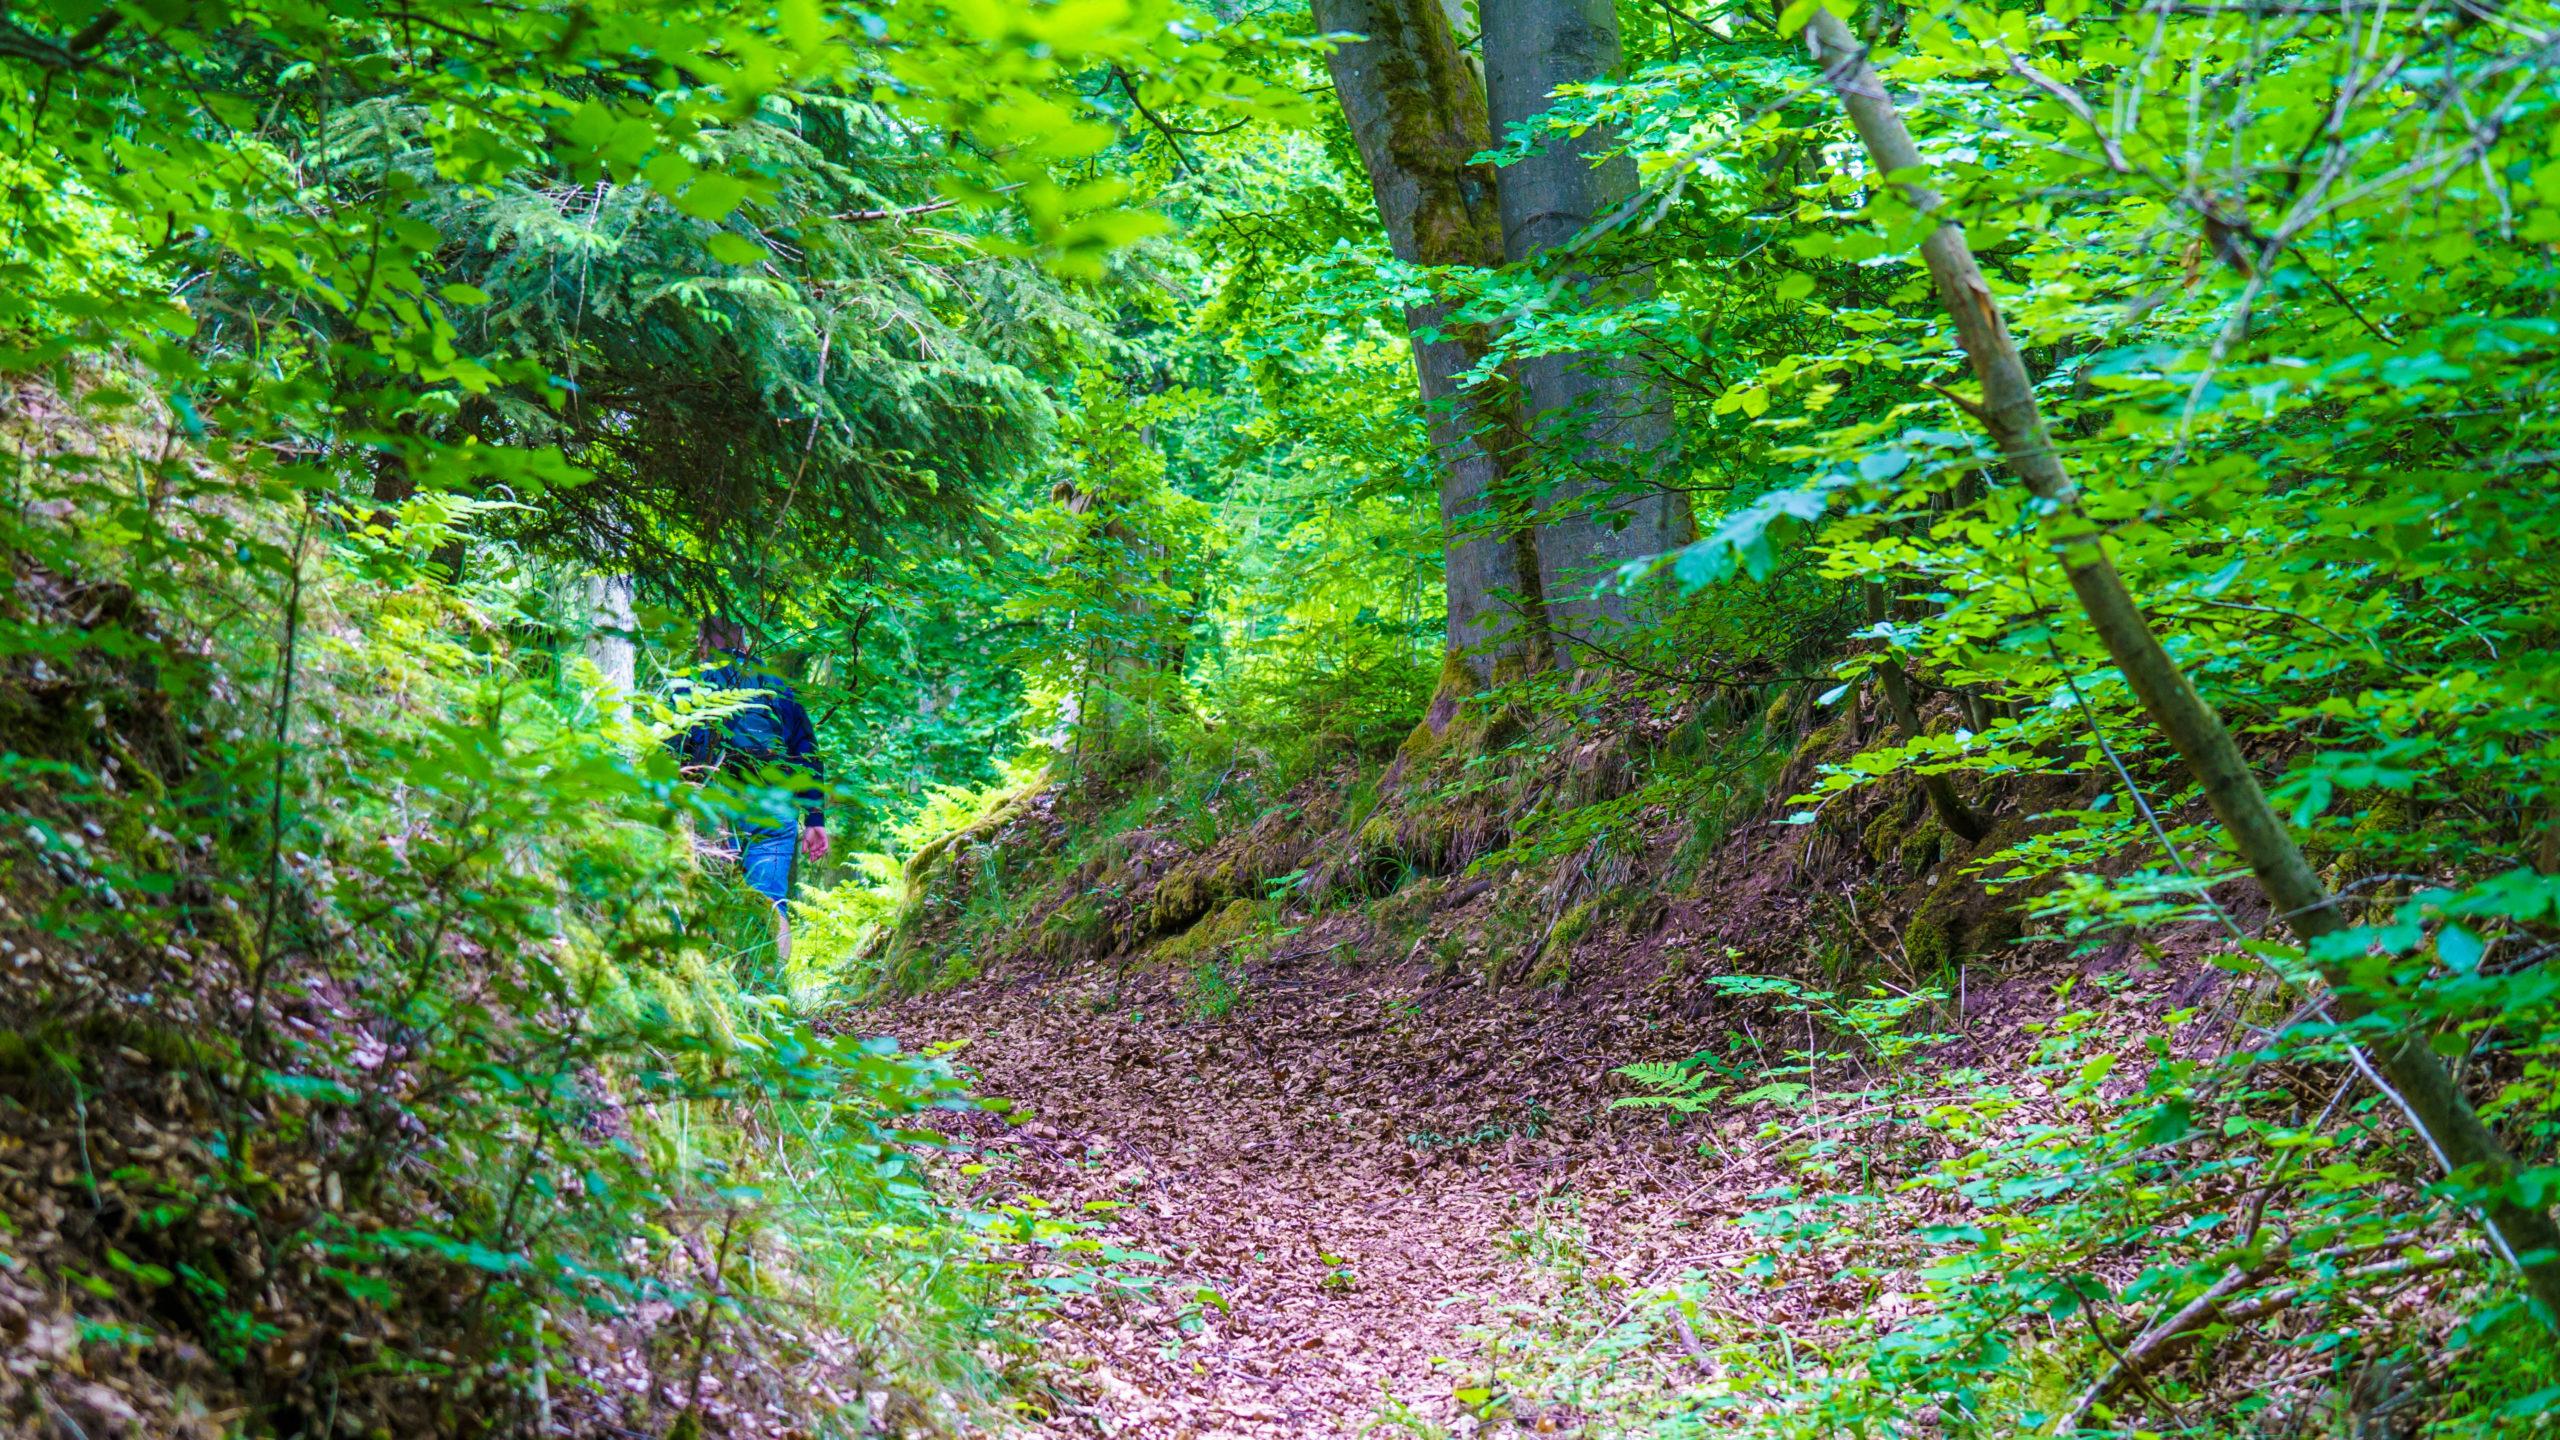 Grenzweg Gerstunger Forst, weiter auf dem gemeinsamen Weg